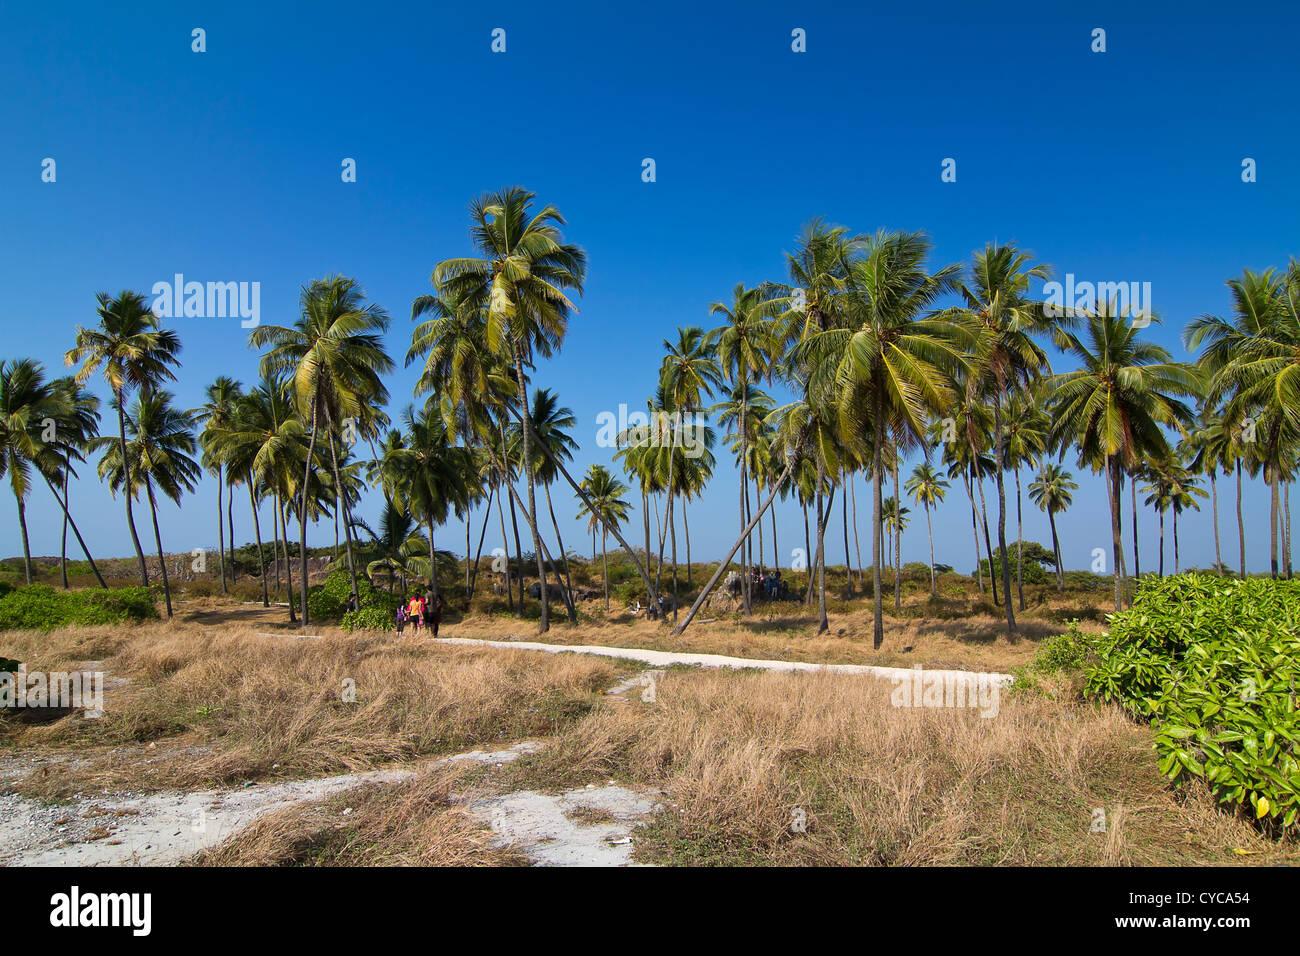 St Mary's Island, Udipi, India - Stock Image